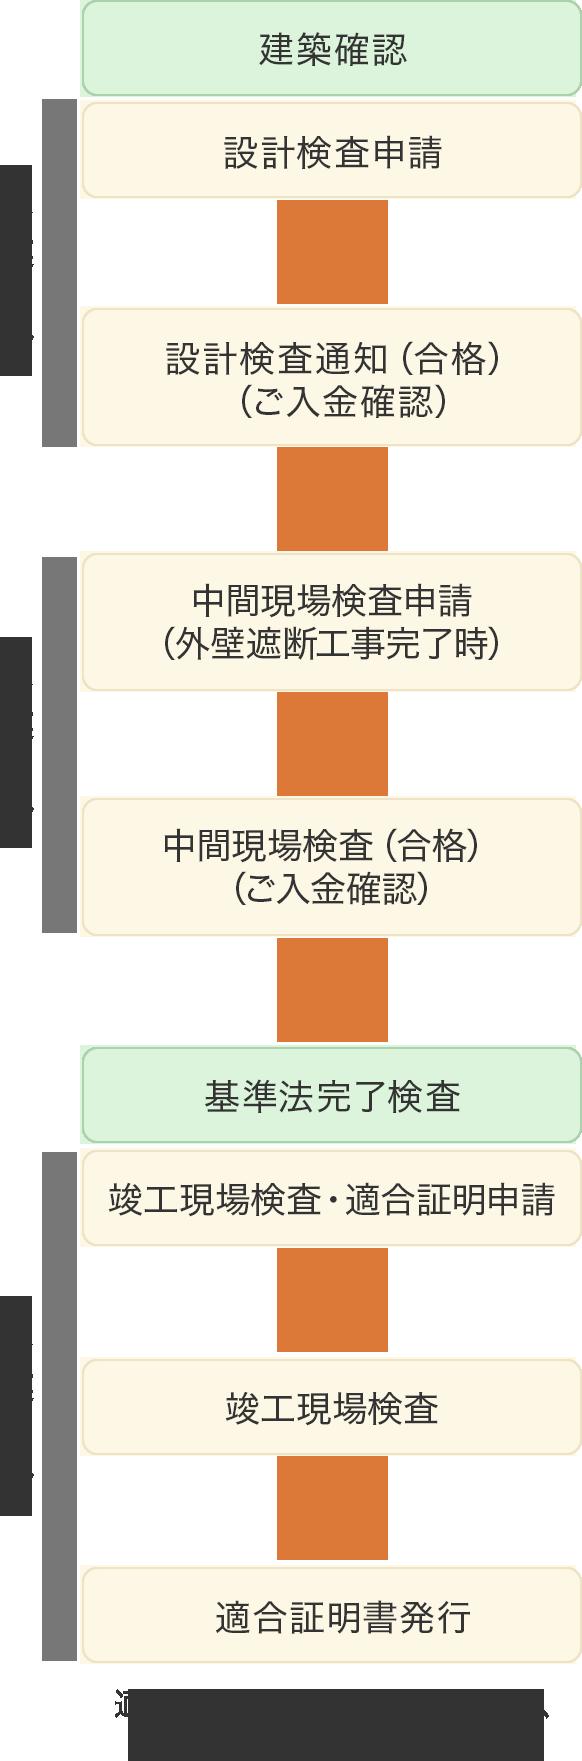 設計検査申請から適合証明書発行までのフローイメージ